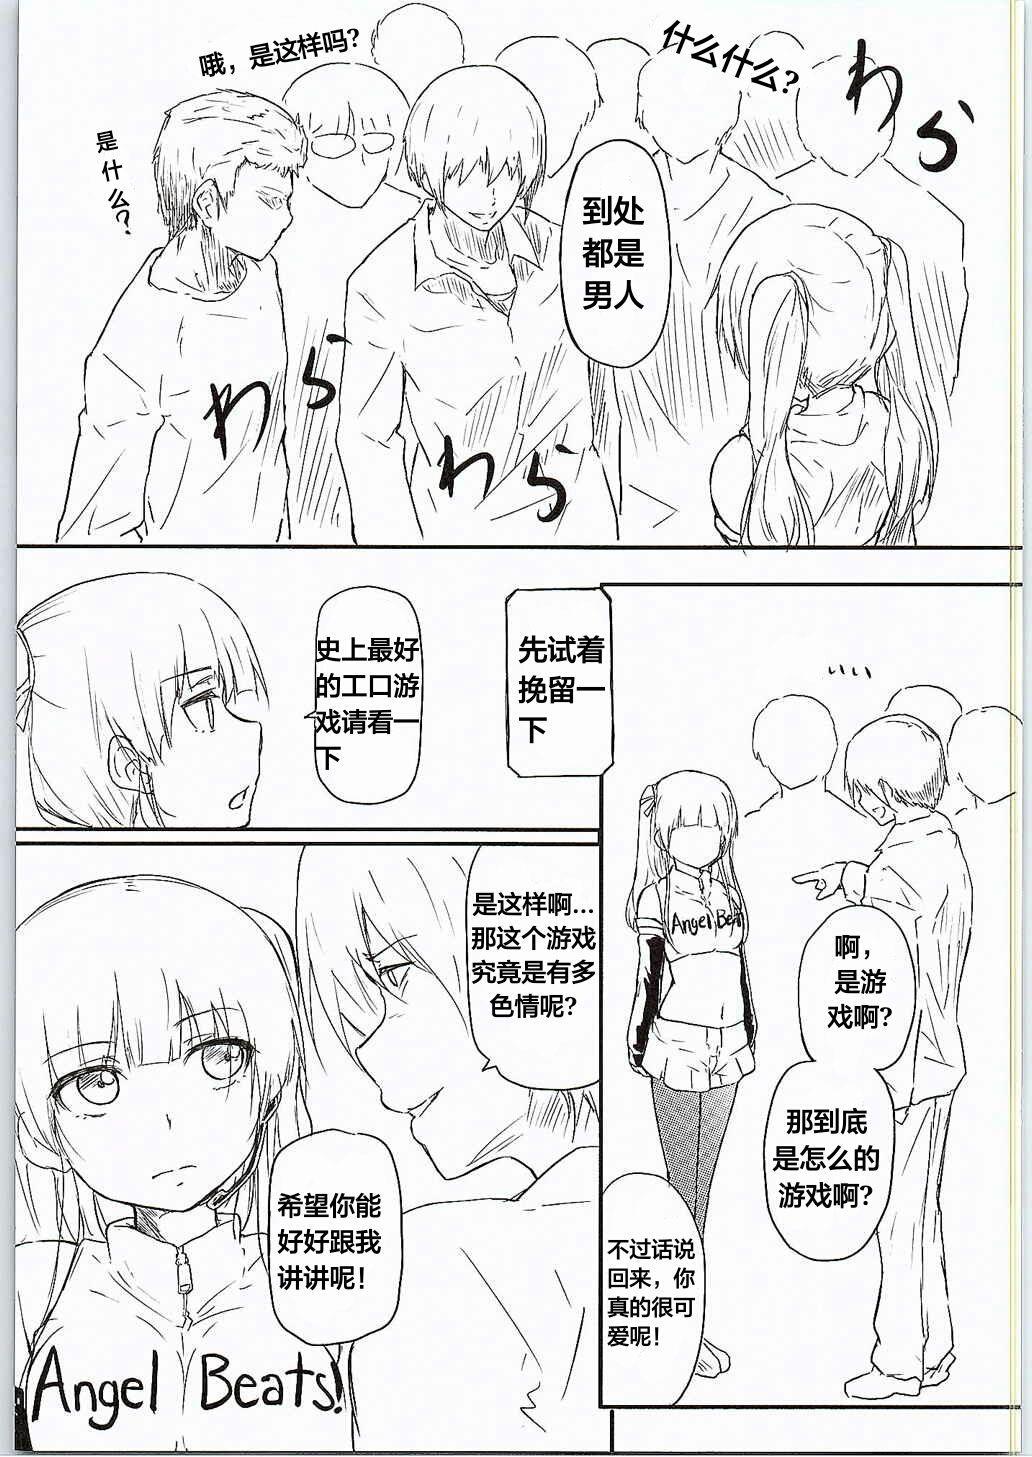 CG Jikkyou Shoutai Kenban 4